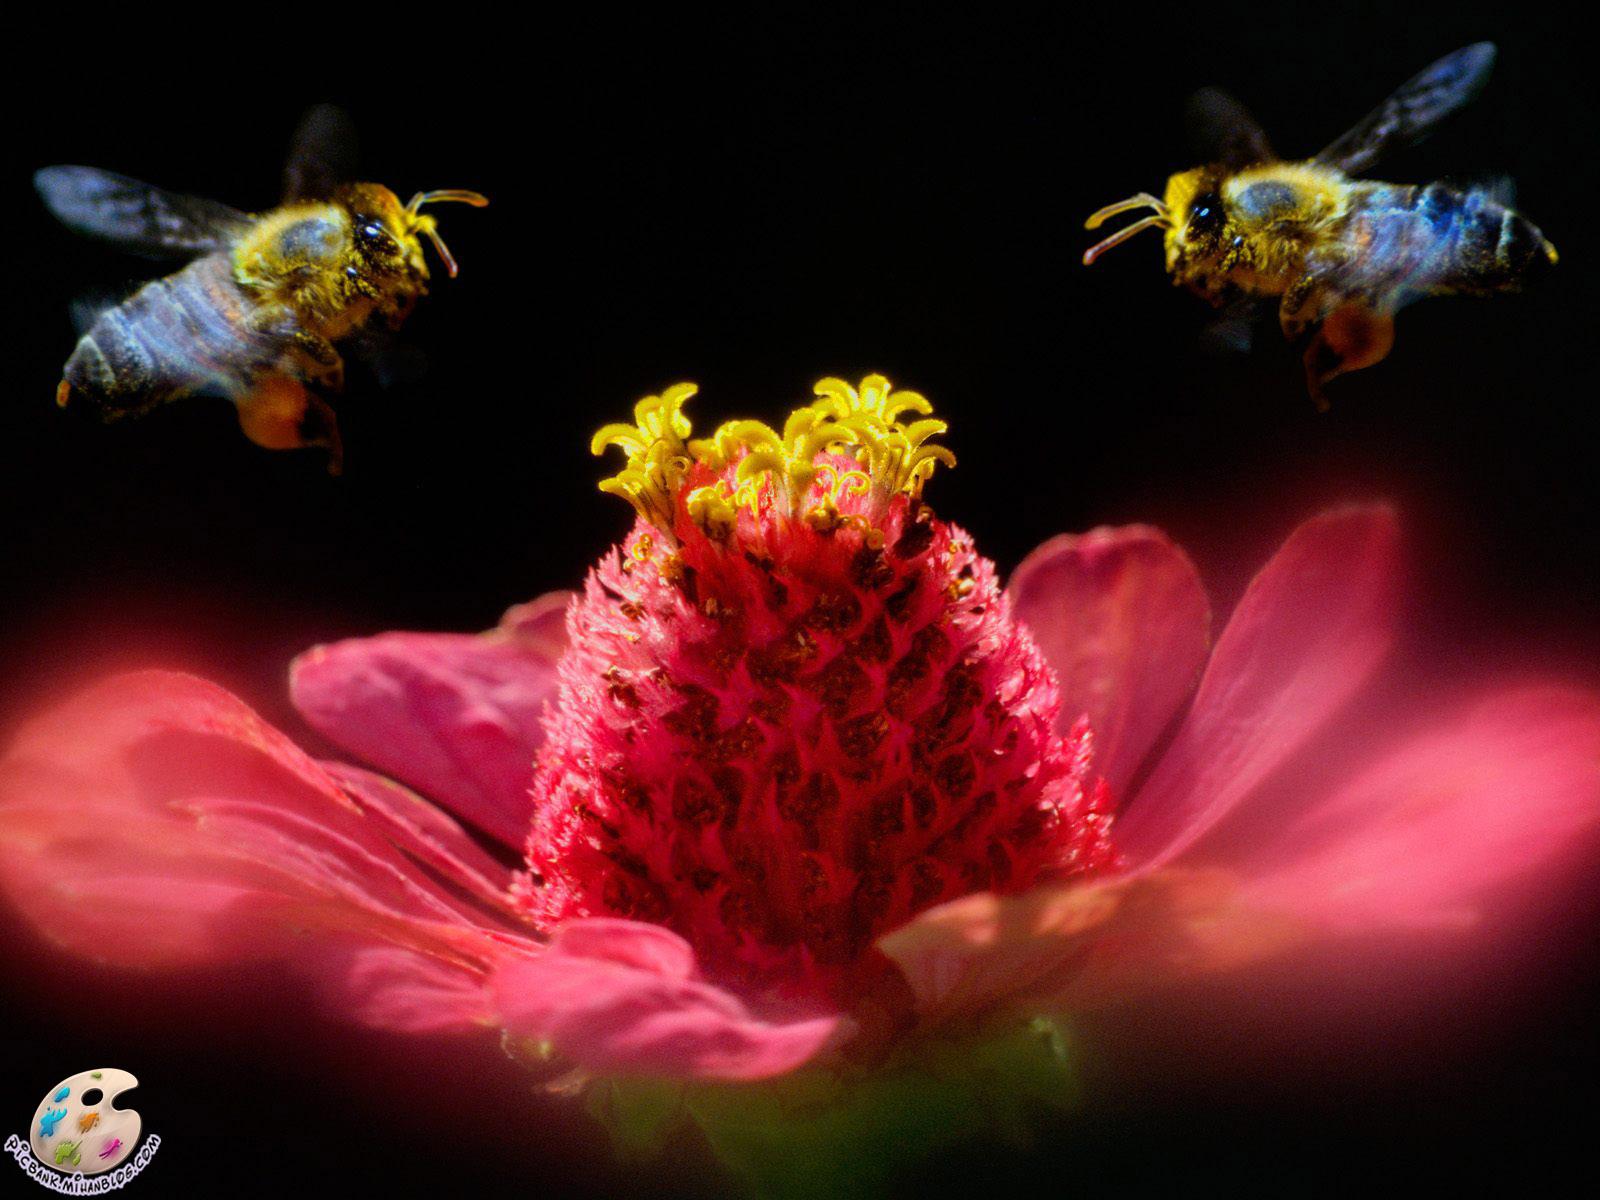 زنبور ، عکس زنبور ، عکسهای زنبور ، زنبورها ، زنبور و گل ، عکس زنبور و گل ، عکسهای زنبور و گل ، گل و زنبور ، عکس گل و زنبور ، عکسهای گل و زنبور ، عکس ، عکسهای زیبا ، عکس های زیبا ، والپیپر ، والپیپر زیبا ، والپیپرهای زیبا ، عکس دیدنی ، عکسهای دیدنی ، والپیپر دیدنی ، والپیپرهای دیدنی ، جالب ، عکس جالب ، عکسهای جالب ، والپیپر جالب ، والپیپرهای جالب ، تصویر ، تصویر زیبا ، تصویر دیدنی ، تصویر جالب ، تصاویر ، تصاویر زیبا ، تصاویر جالب ، تصاویر دیدنی ، بکگراند ، بکگراند زیبا ، بکگراندهای زیبا ، بک گراند ، بک گراند زیبا ، بک گراندهای زیبا ، حیوان ، حیوانات ، عکس حیوانات ، عکسهای حیوانات ، والپیپر حیوانات ، والپیپرهای حیوانات ، بکگراند حیوانات ، بکگراندهای حیوانات ، بک گراند حیوانات ، بک گراندهای حیوانات ، جانوران ، جانوران مختلف ، جانور ، حیوانات زیبا ، حیوانات گوناگون ، جانوران گوناگون ، حیوانات مختلف ، مدل نقاشی ، مدل نقاشی حیوانات ، نقاشی حیوانات ، نقاشی از حیوانات ، آرشیو عکس ، آرشیو تصویر ، آرشیو عکس و تصویر ، مدل نقاشی زنبور ، نقاشی از زنبور ، picbank ، picbank.com ، picbank.mihanblog.com ، نگارخانه ، نشنال ژئوگرافی ، نشنال ژئوگرافیک ، عکس نشنال ژئوگرافیک ، عکسهای نشنال ژئوگرافیک ، والپیپر نشنال ژئوگرافیک ، والپیپرهای نشنال ژئوگرافیک ، عکس باکیفیت ، عکسهای باکیفیت ، والپیپر باکیفیت ، والپیپرهای باکیفیت ، عکس با کیفیت ، عکسهای با کیفیت ، والپیپر با کیفیت ، والپیپرهای با کیفیت ، عکس باکیفیت حیوانات ، عکسهای باکیفیت حیوانات ، عکس با کیفیت حیوانات ، عکسهای با کیفیت حیوانات ، عکس جالب حیوانات ، عکسهای جالب حیوانات ، عکس دیدنی حیوانات ، عکسهای دیدنی حیوانات ، عکس زیبای حیوانات ، عکسهای زیبای حیوانات ، HD ، عکس HD ، عکسهای HD ، والپیپر HD ، والپیپرهای HD ، عکس HD حیوانات ، عکسهای HD حیوانات ، جانورشناسی ، تحقیق روی حیوانات ، تحقیقات روی حیوانات ، حیات وحش ، حیوانات وحشی ، عکس حیات وحش ، عکسهای حیات وحش ، مدل نقاشی از حیوانات ، زیست شناسی ، زیست شناسی جانوری ، حشرات ، حشرات زیبا ، حشرات مختلف ، حشرات گوناگون ، عکس حشرات ، عکسهای حشرات ، والپیپر حشرات ، والپیپرهای حشرات ، حشره ، عکس حشره ، عکسهای حشره ، والپیپر حشره ، والپیپرهای حشره ، حشره شناسی ، تحقیق روی حشرات ، تحقیقات رو